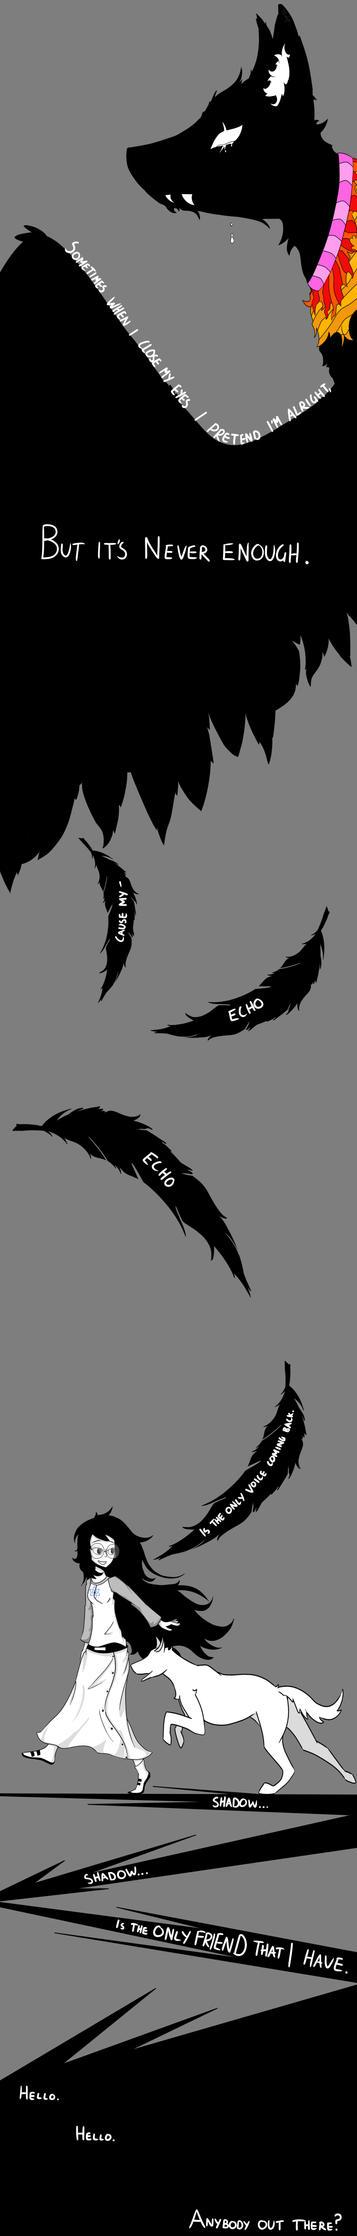 Echo. by Dragonet-Dialga